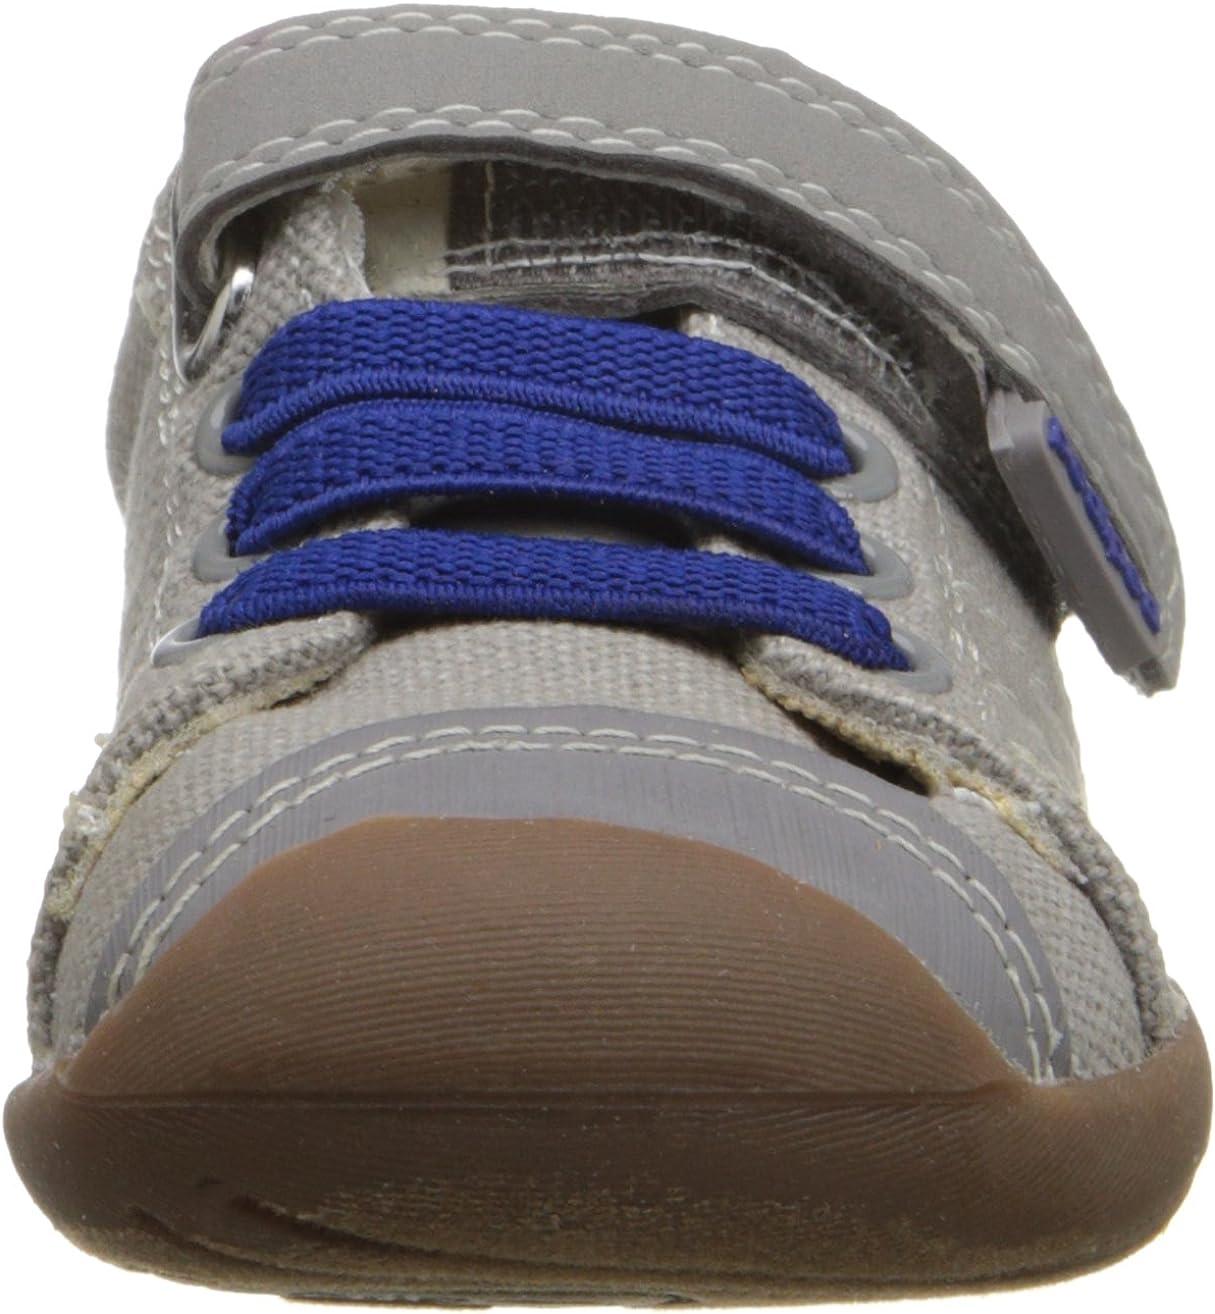 pediped Grip-N-Go Jake Sneaker Toddler